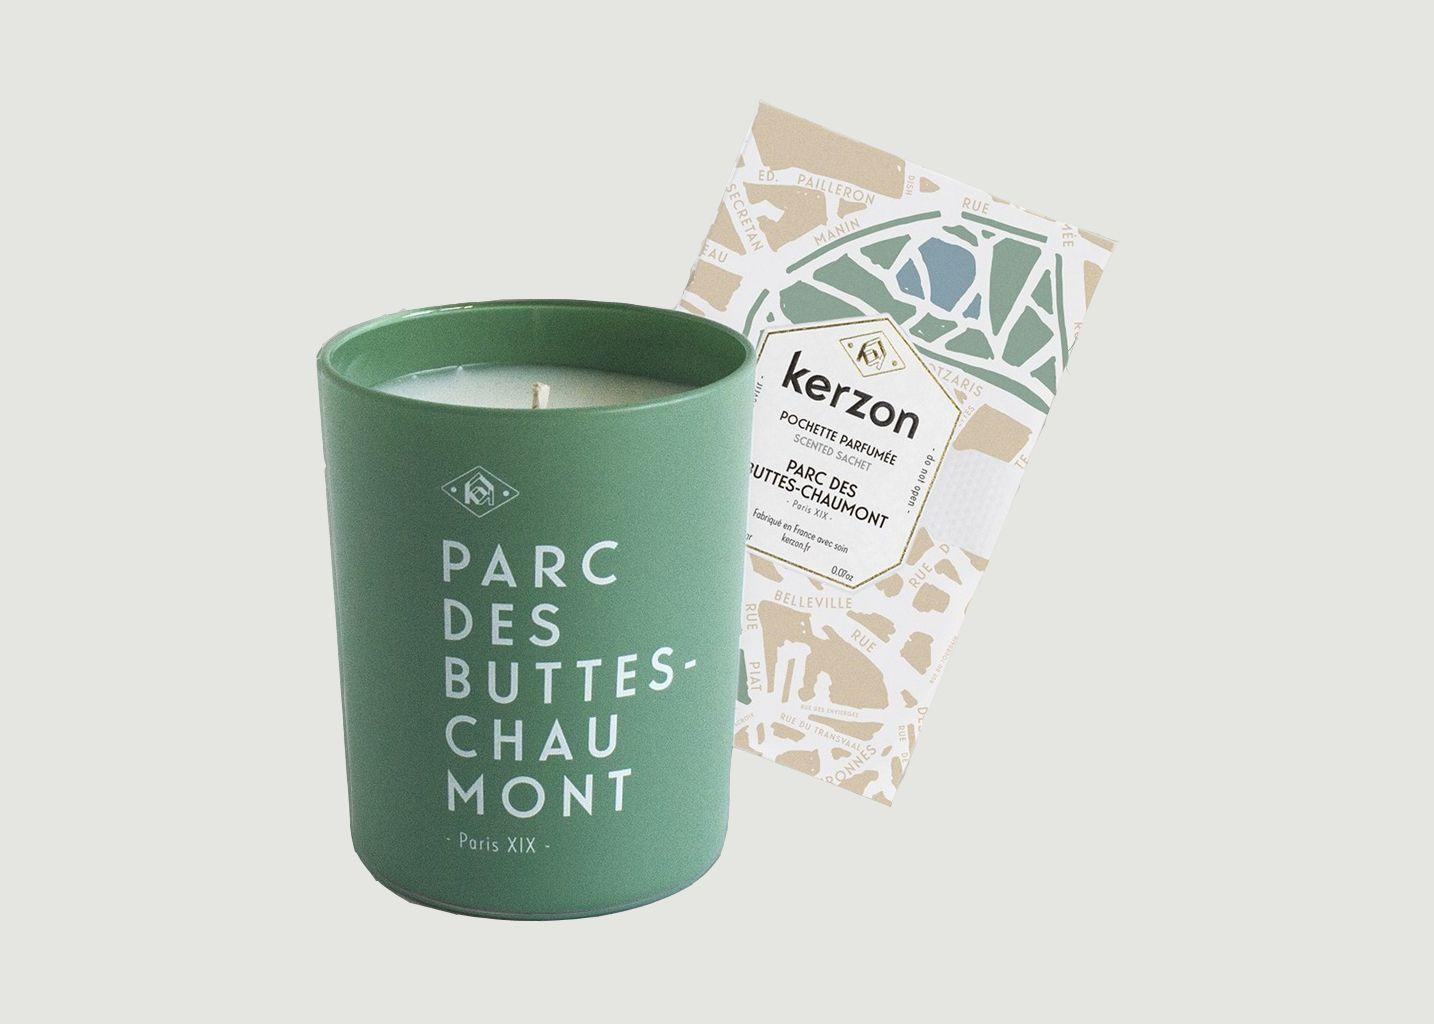 Bougie Parc des Buttes Chaumont Paris XIX - Kerzon